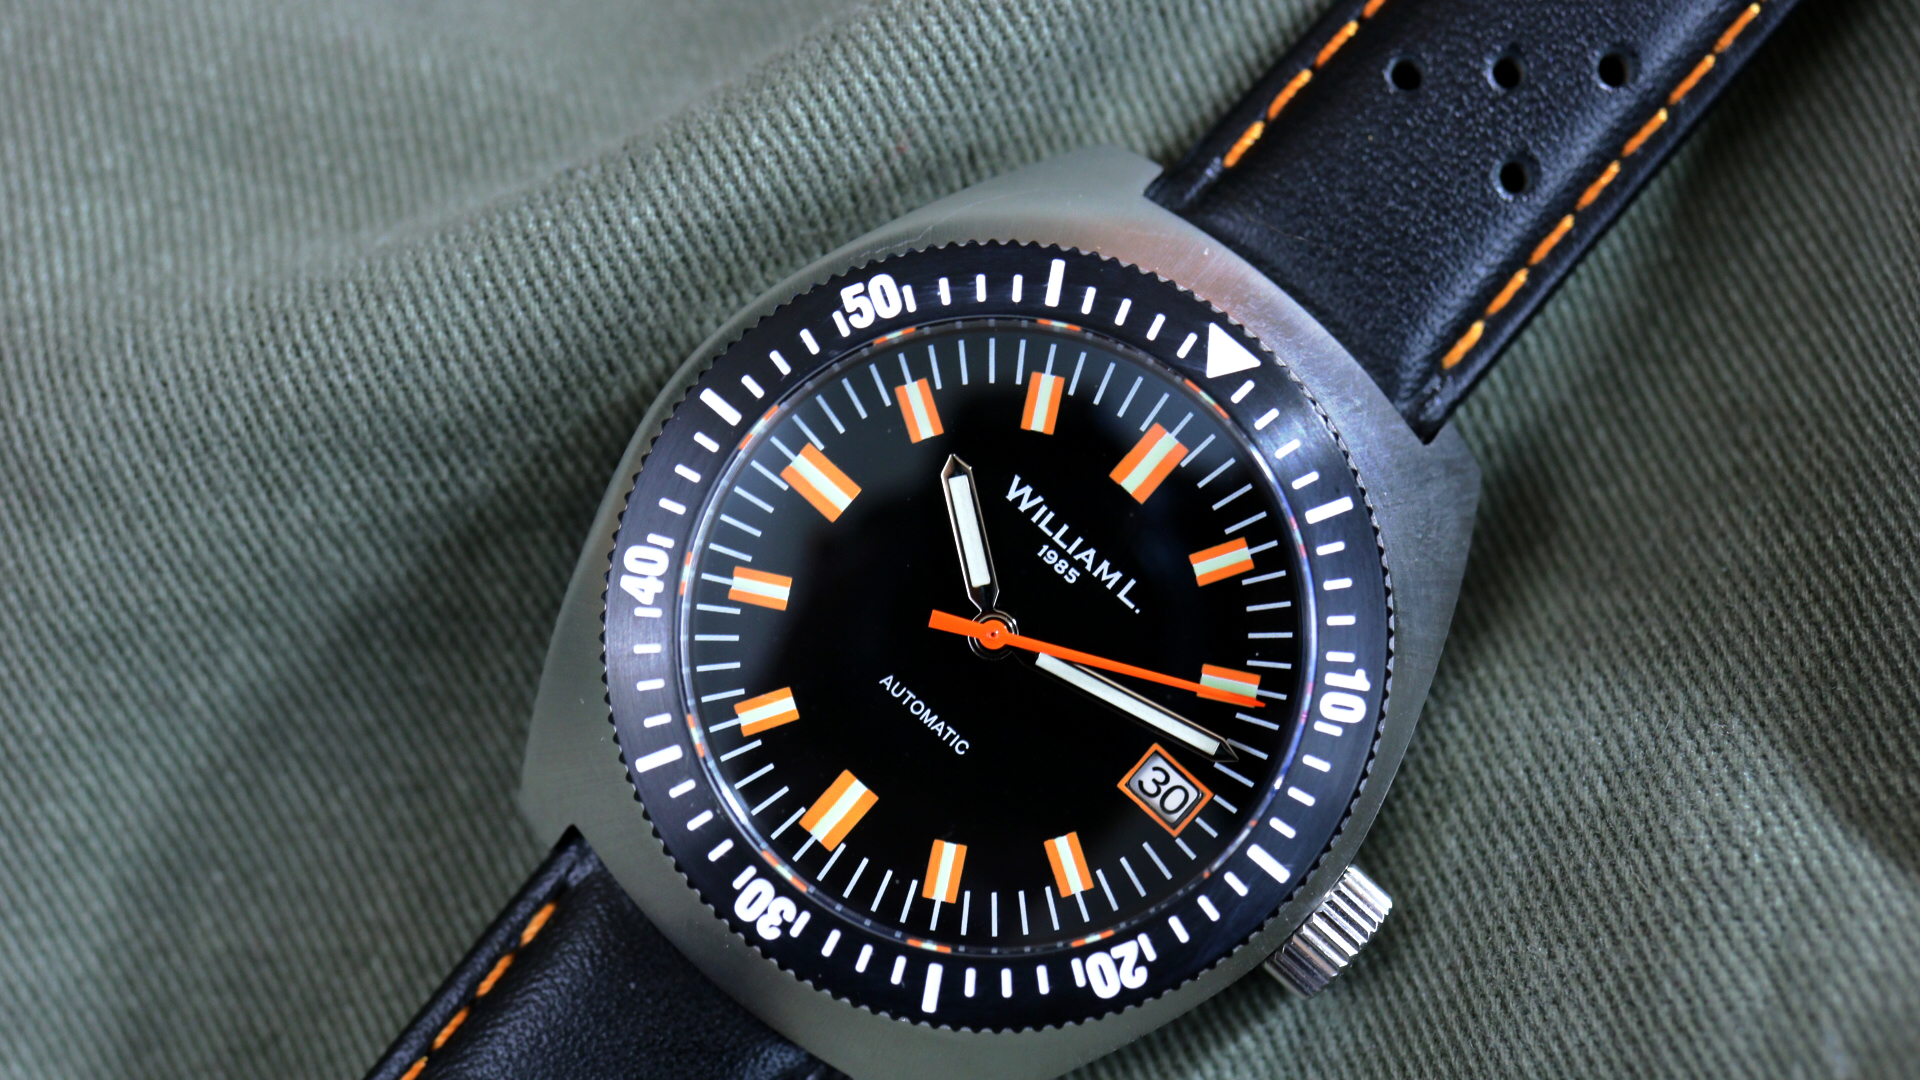 William L. 1985 Vintage Diver